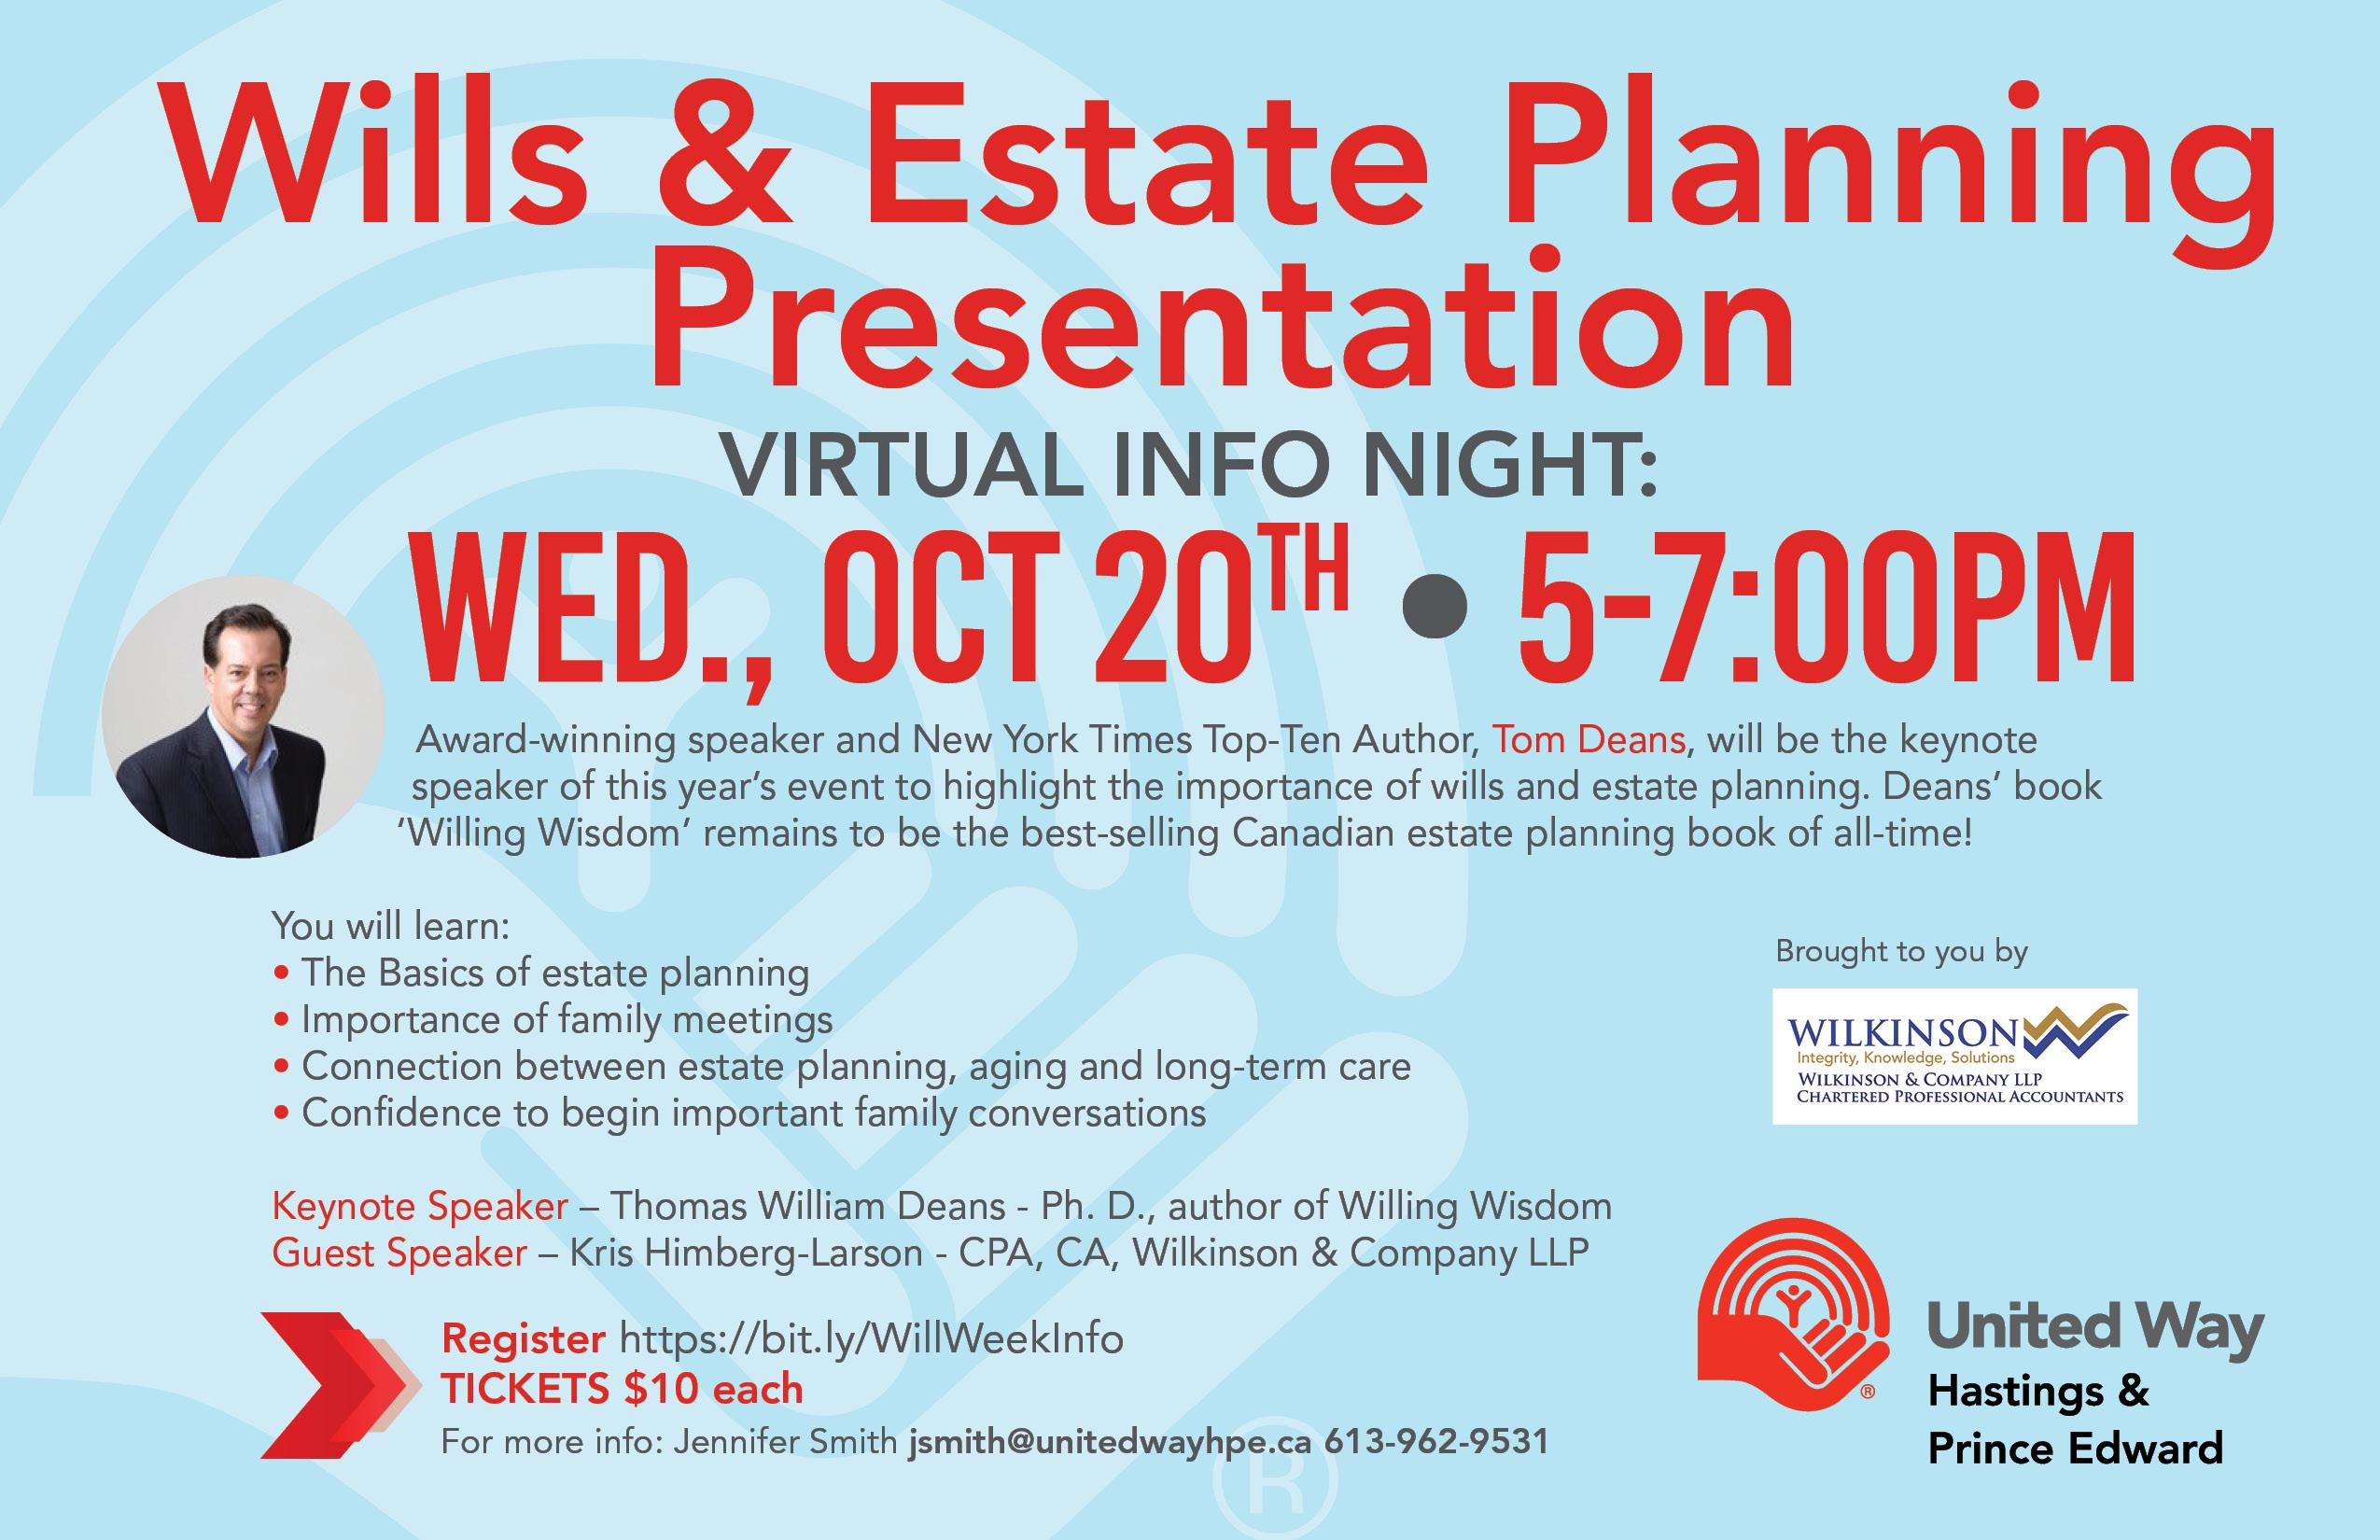 Wills & Estate Planning Presentation